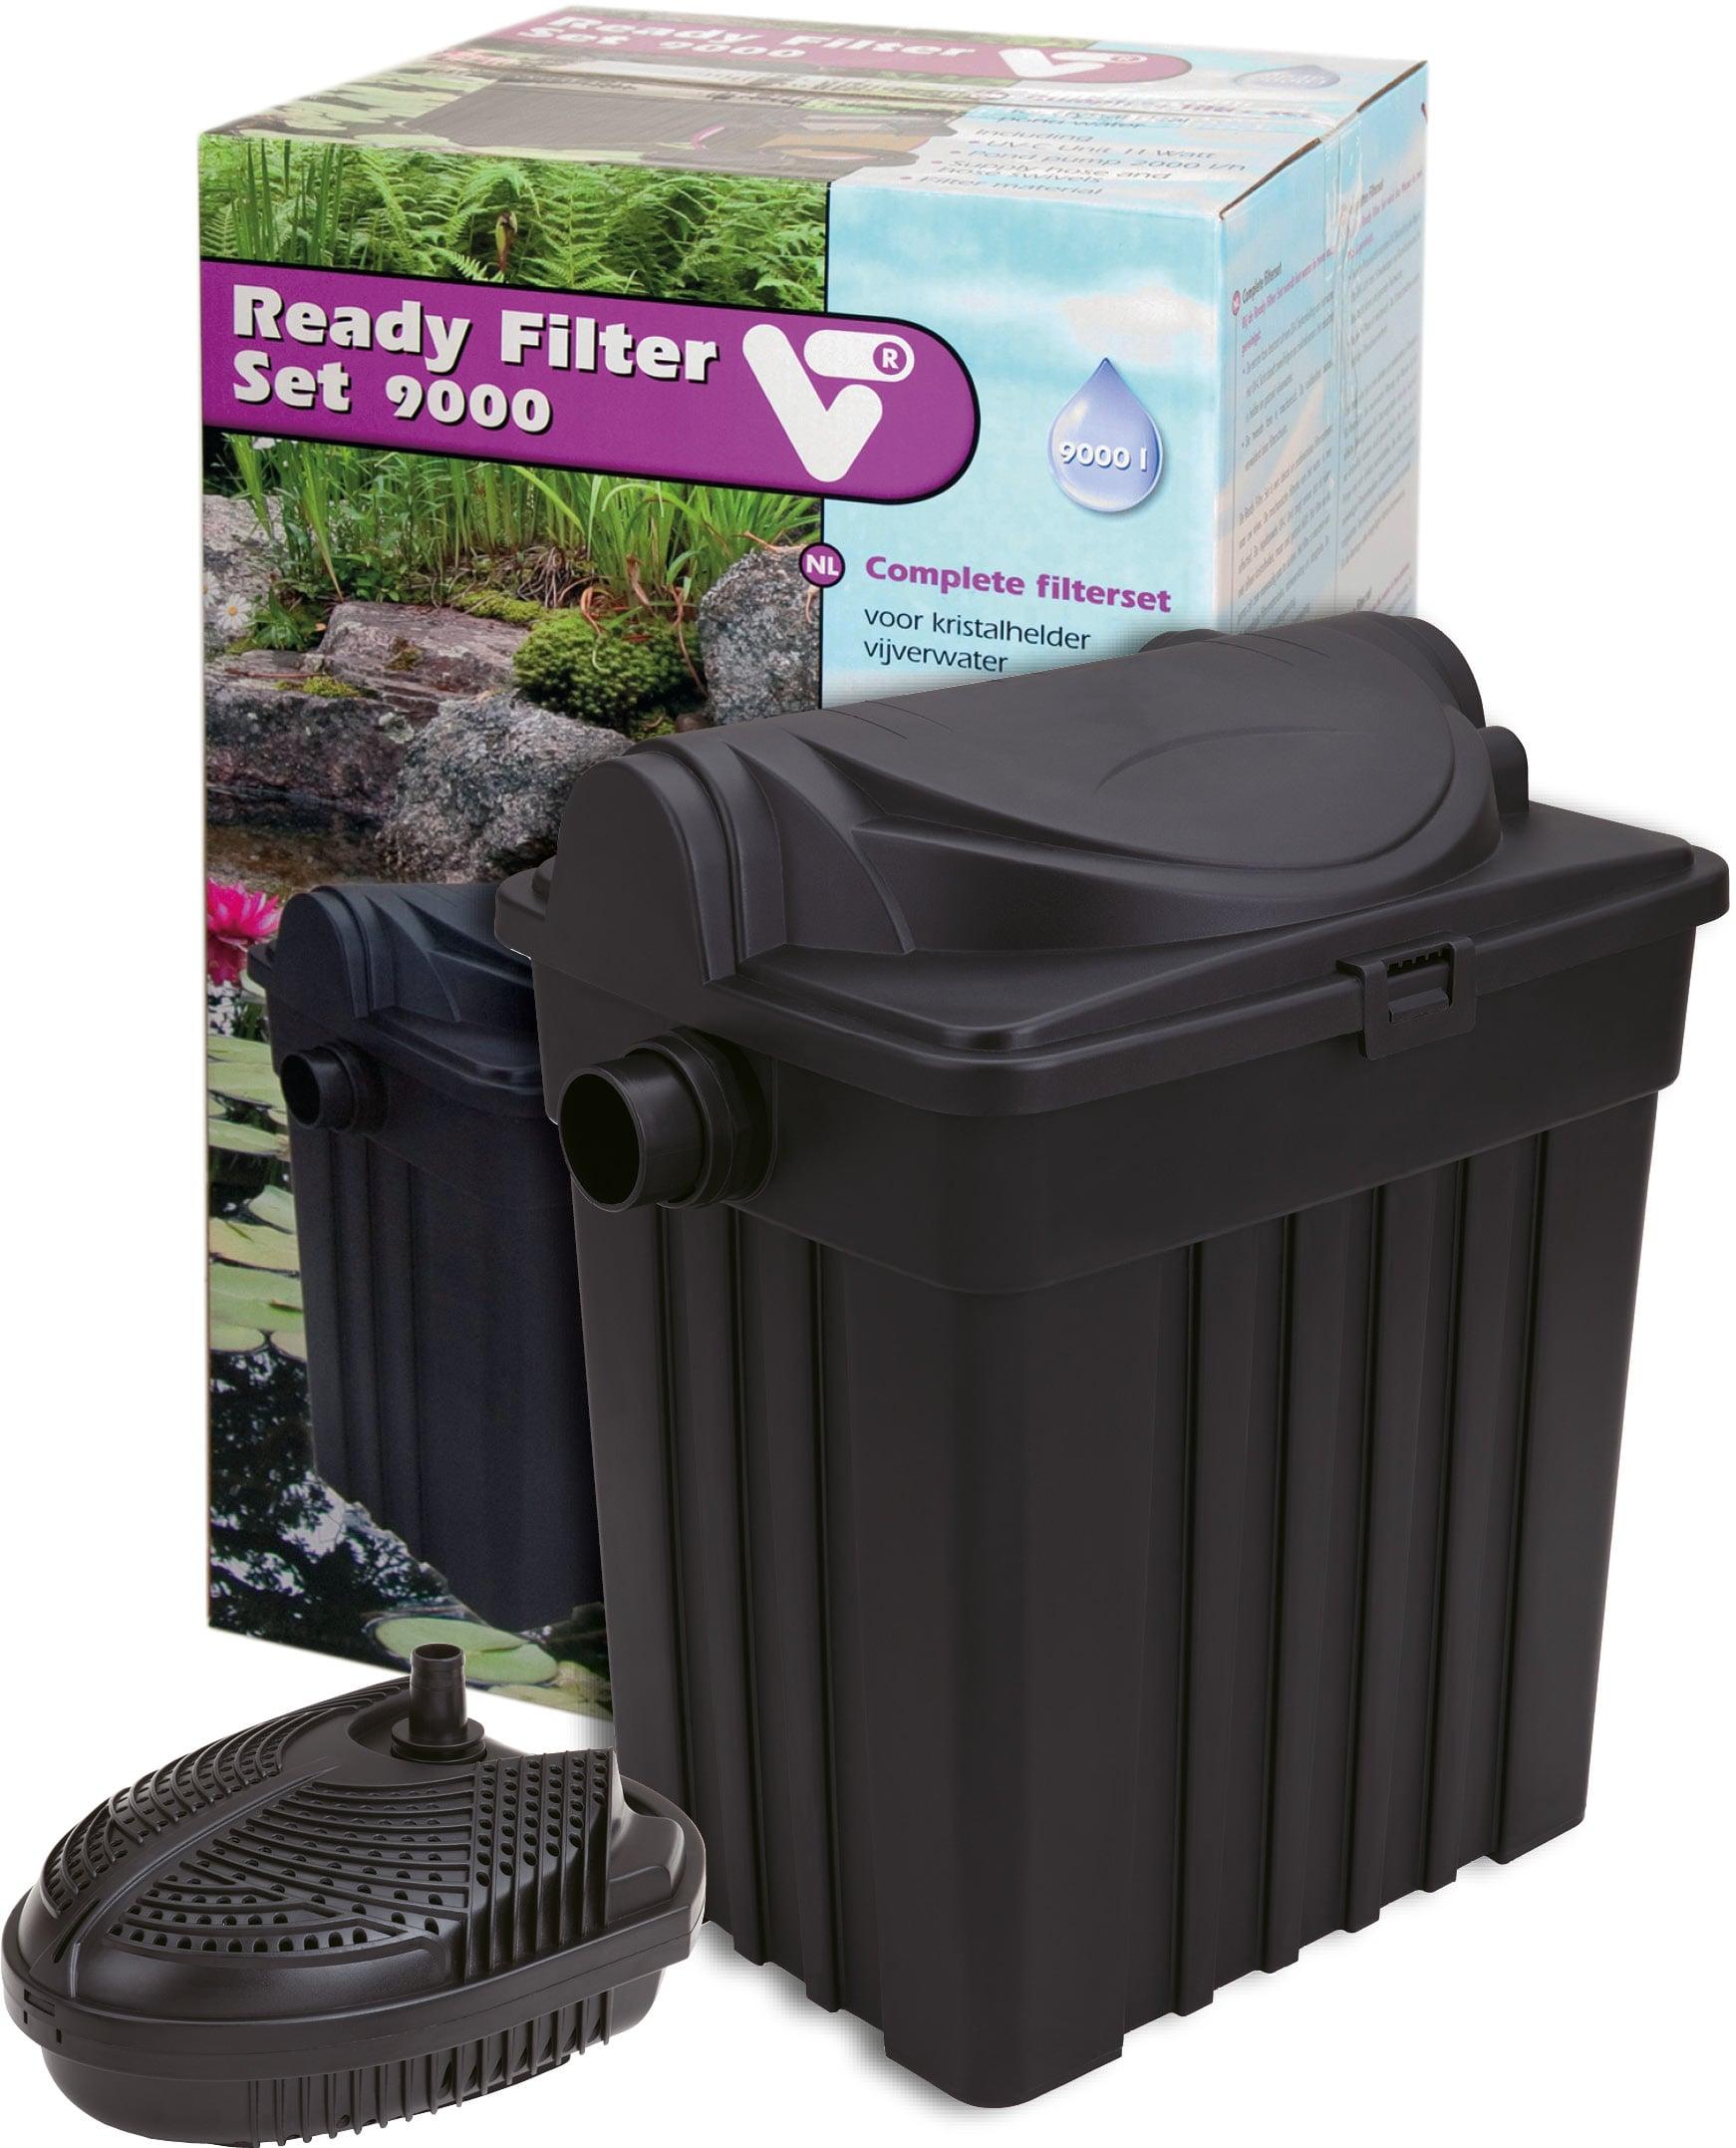 VT Ready Filter Set 9000 kit de filtration avec stérilisateur UV-C 11W et pompe 2000 L/h pour bassin jusqu\'à 9000 L